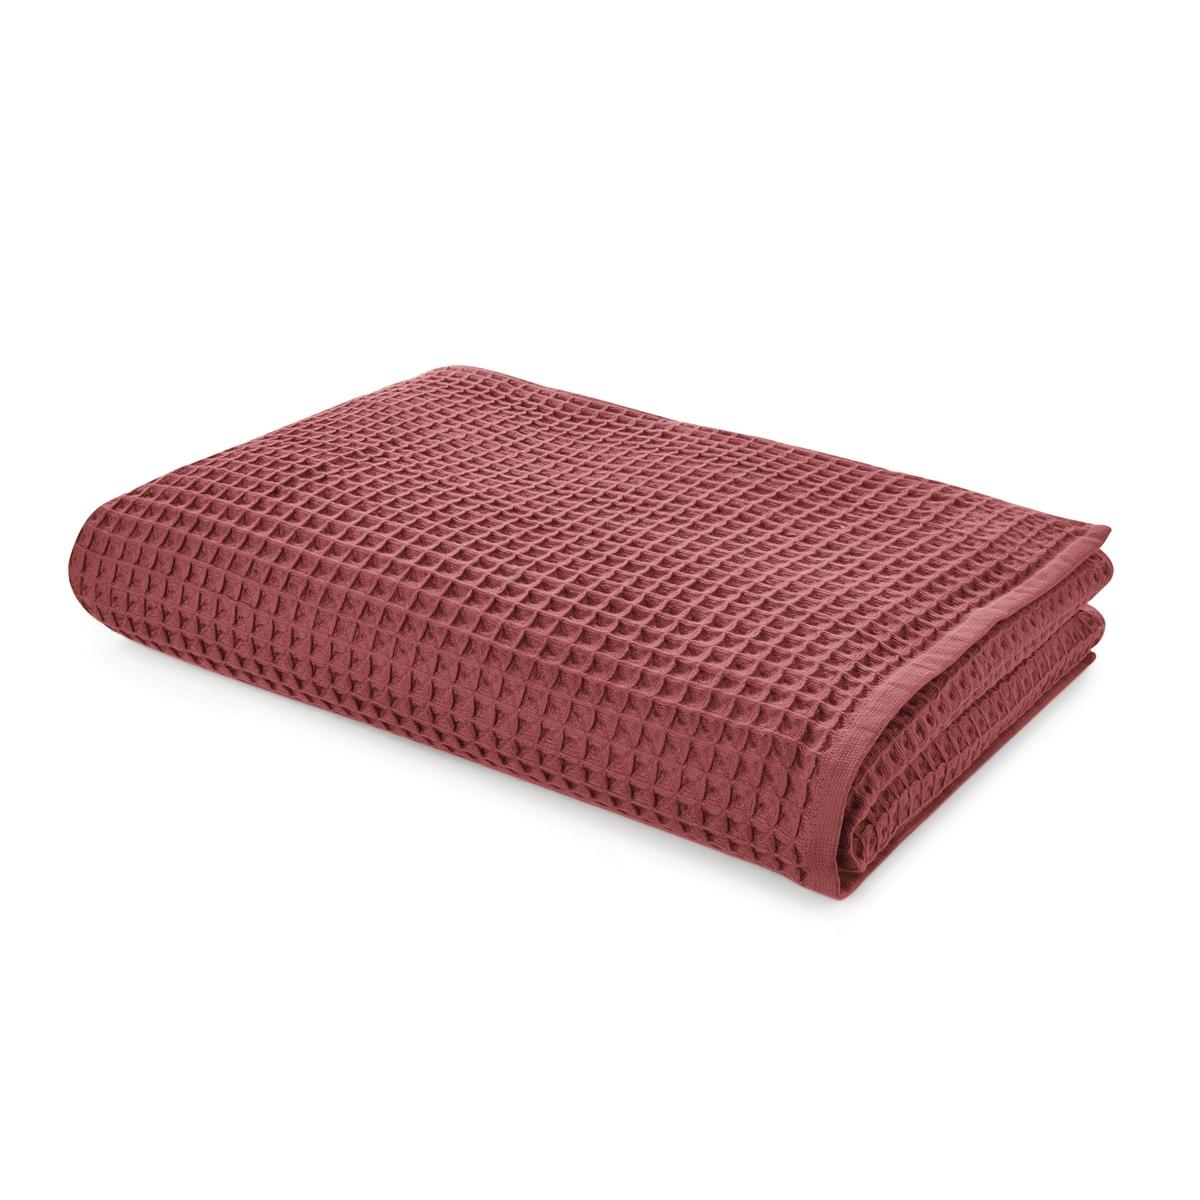 цена Полотенце La Redoute Для рук из вафельной ткани SCENARIO 50 x 100 см оранжевый онлайн в 2017 году